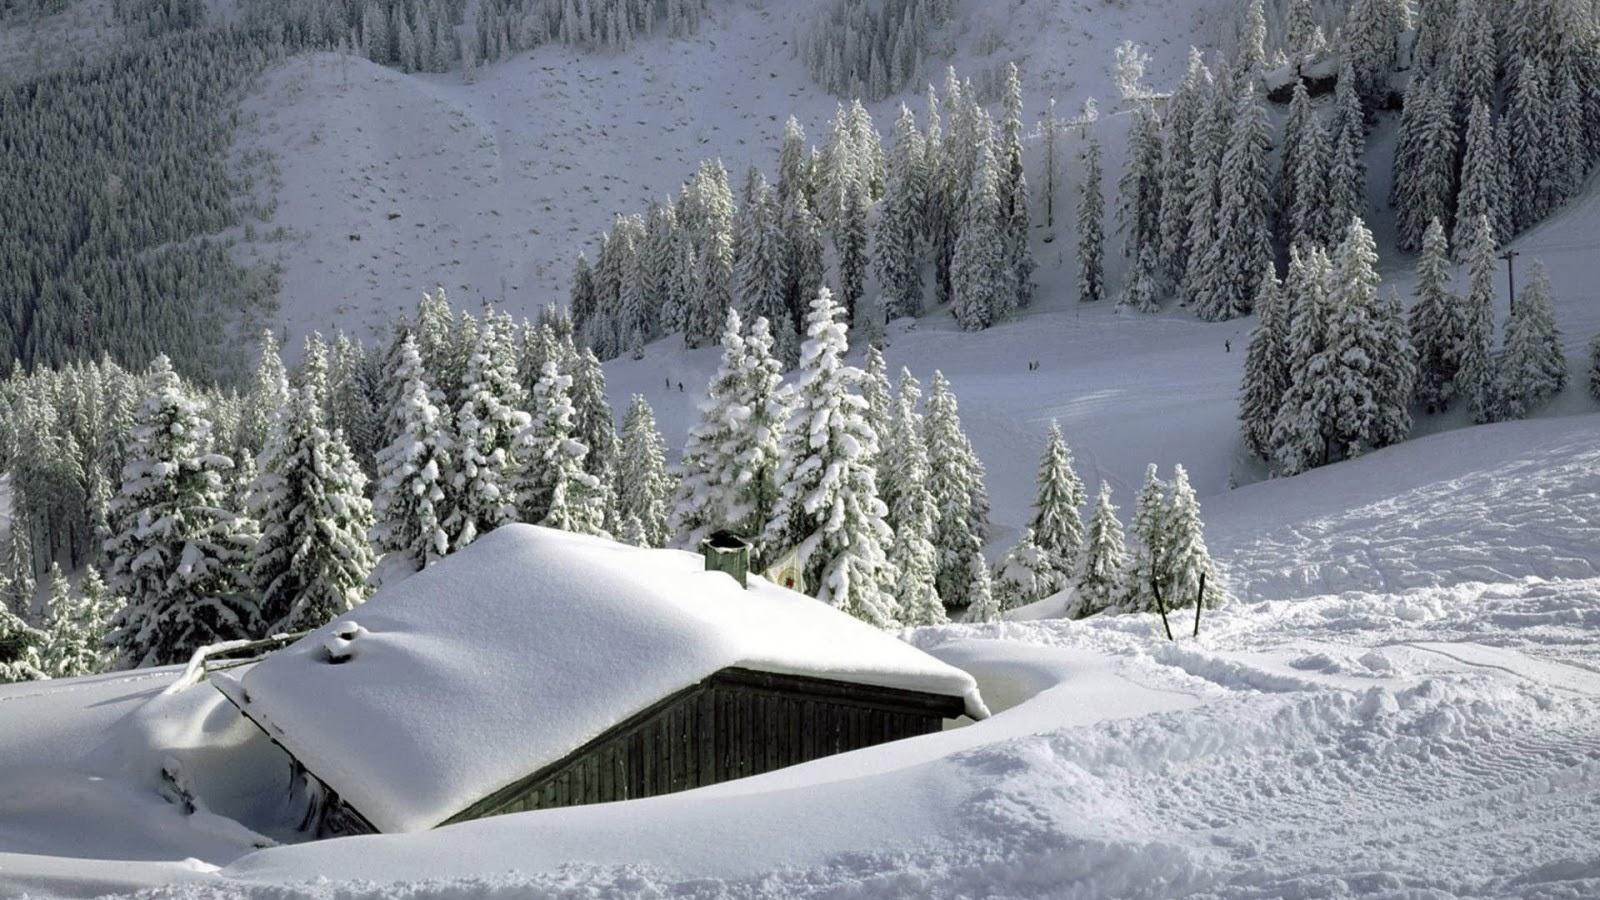 بالصور صور عن الشتاء , اروع صور للشتاء امطار و ثلوج 2933 4